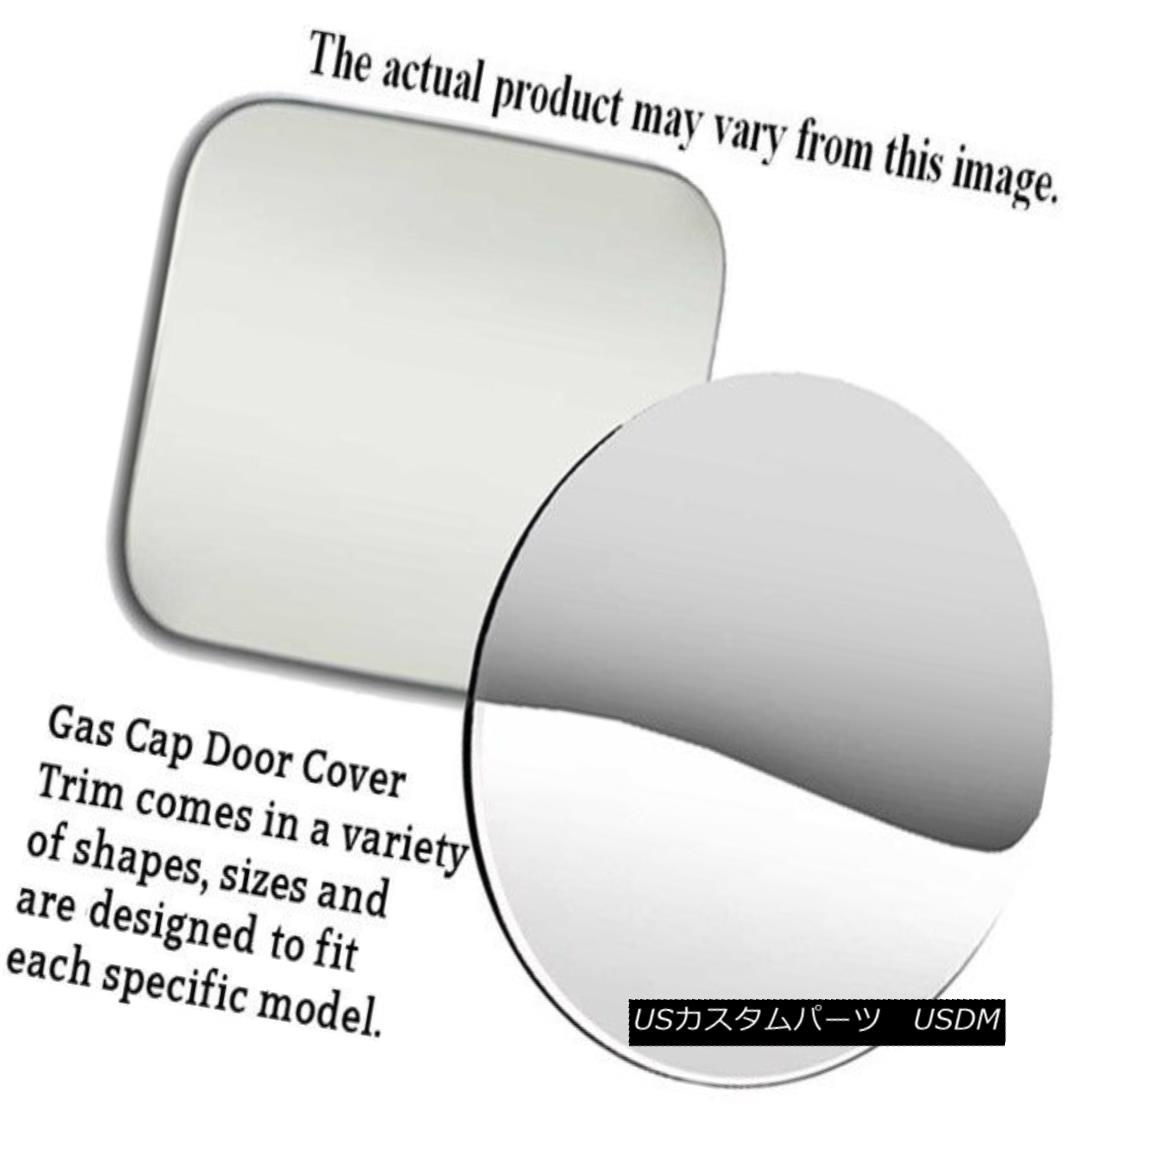 グリル Fits 1988-1993 DODGE RAM B150 van -Stainless Steel GAS CAP DOOR 1988-1993 DODGE RAM B150に適合 - ステンレススチールGAS CAP DOOR